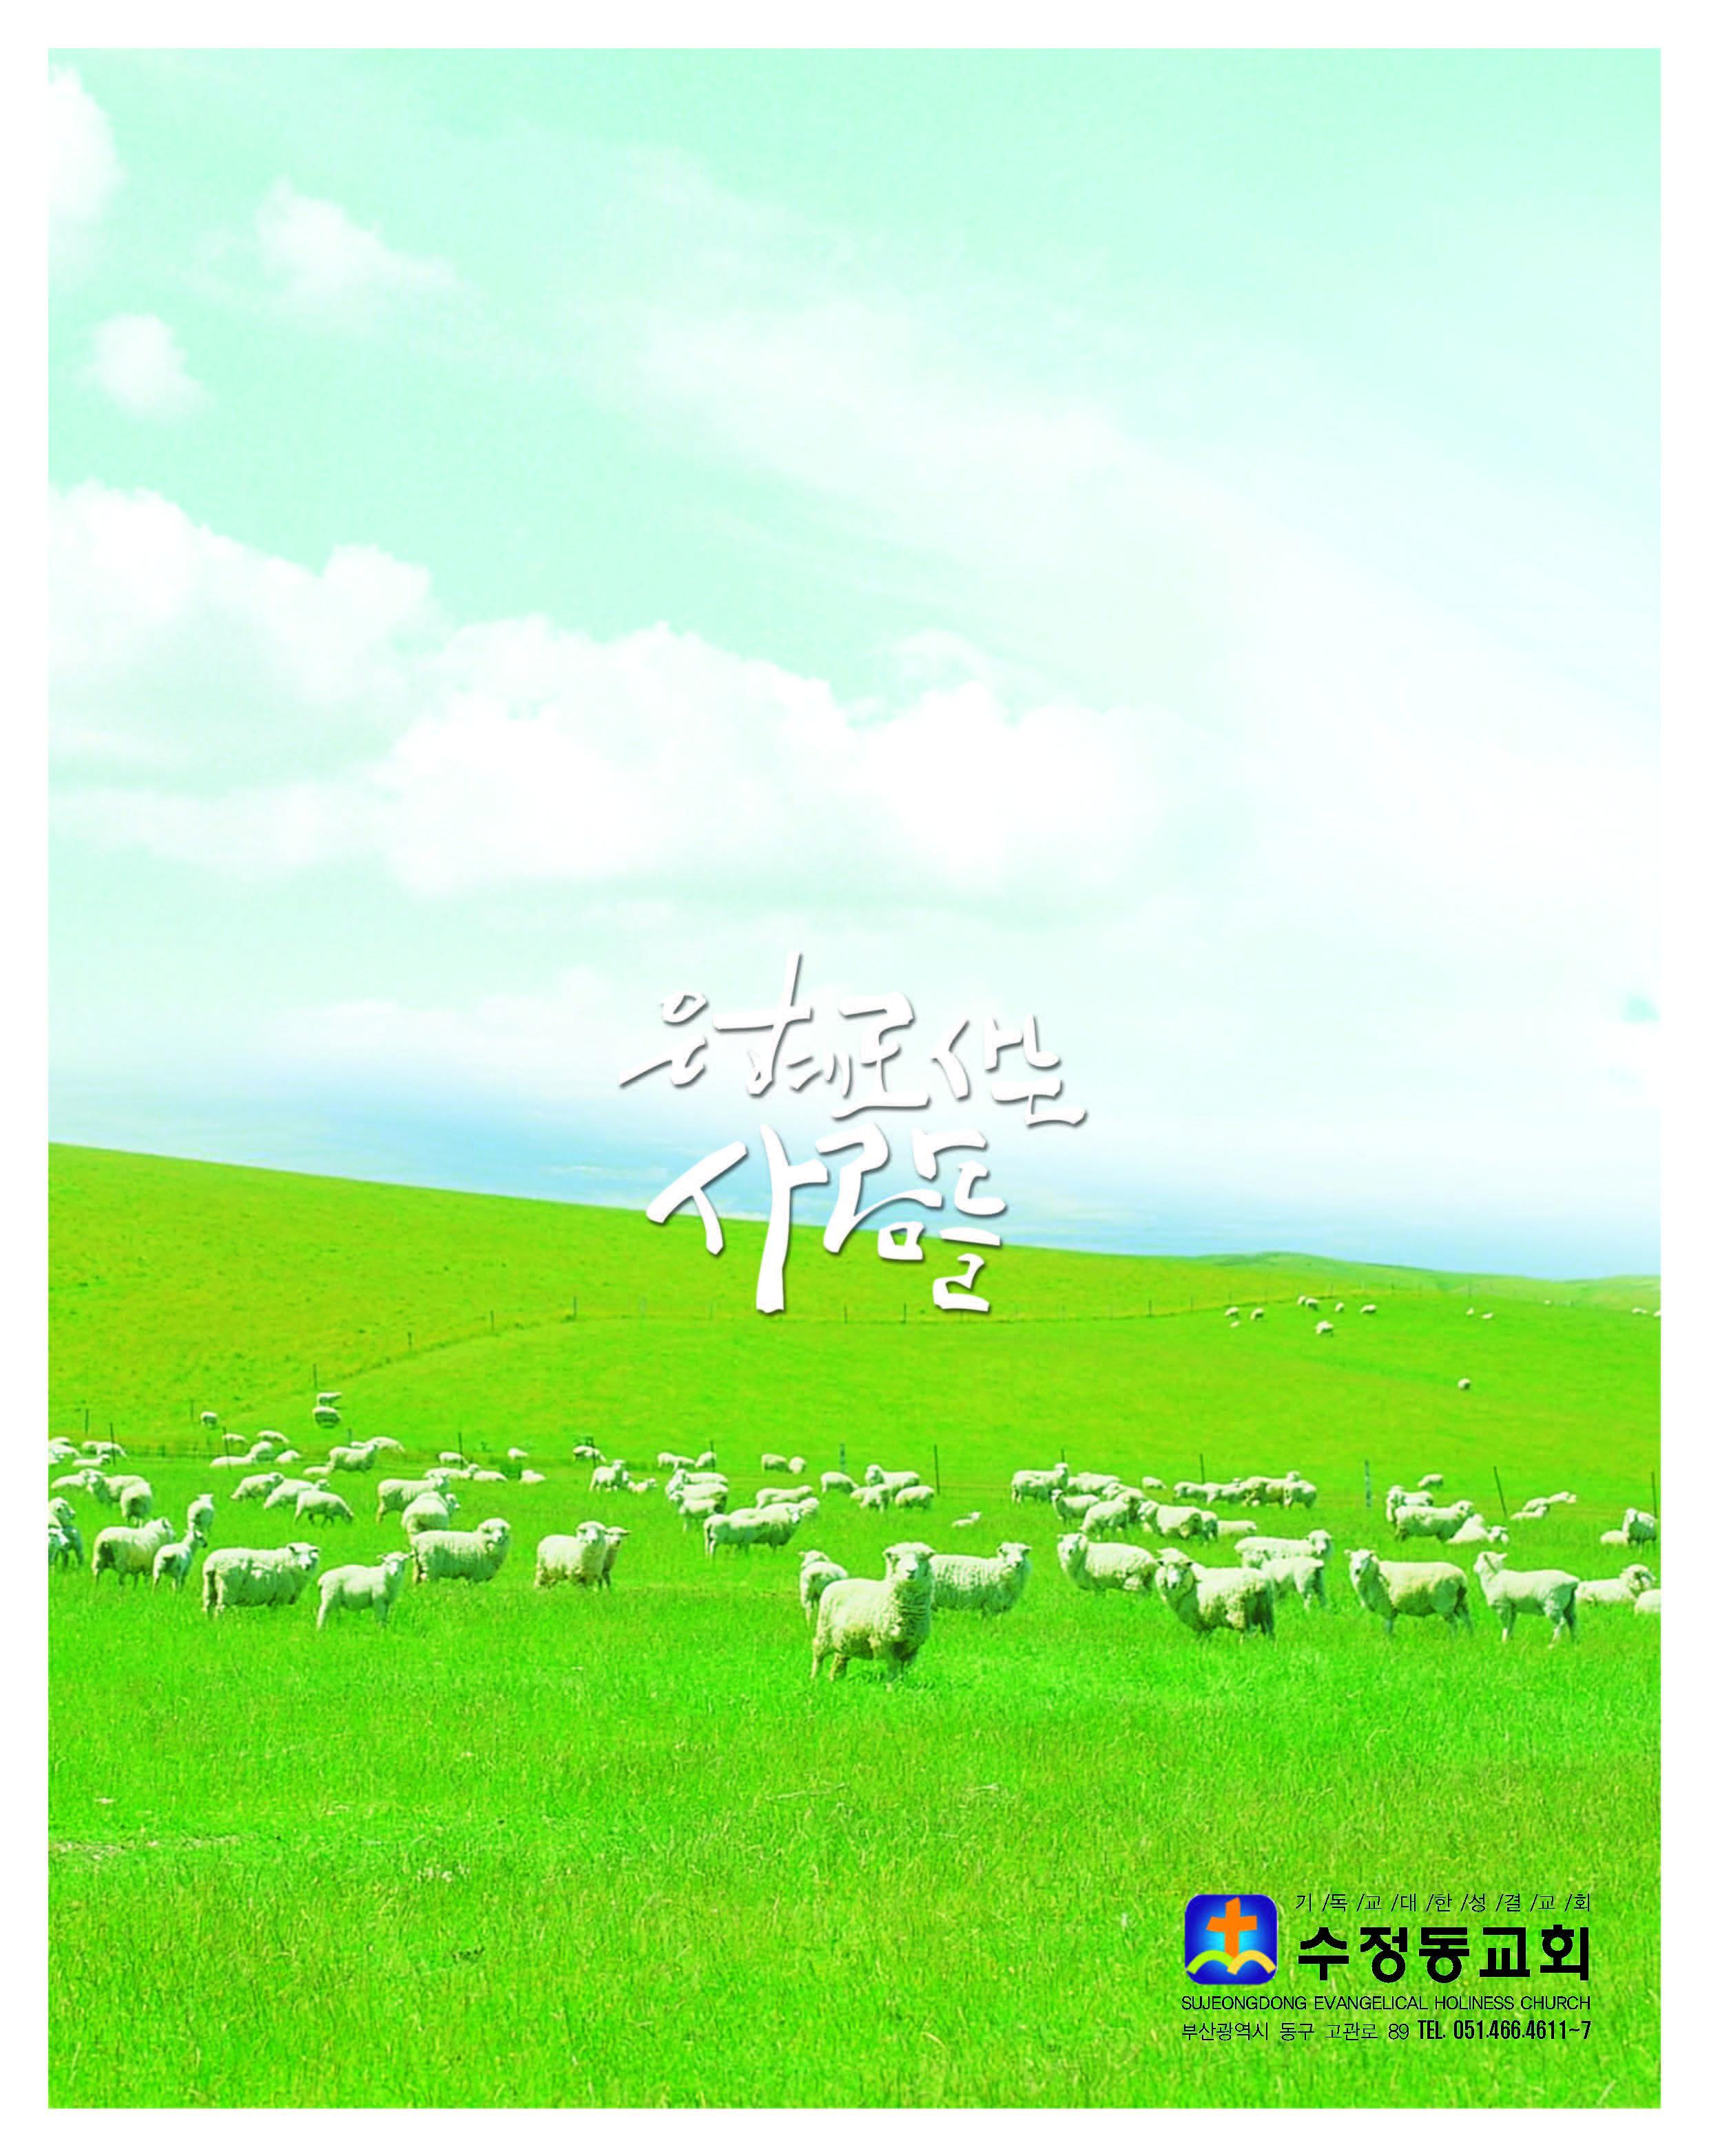 은혜로25홈피용_Page_76.jpg